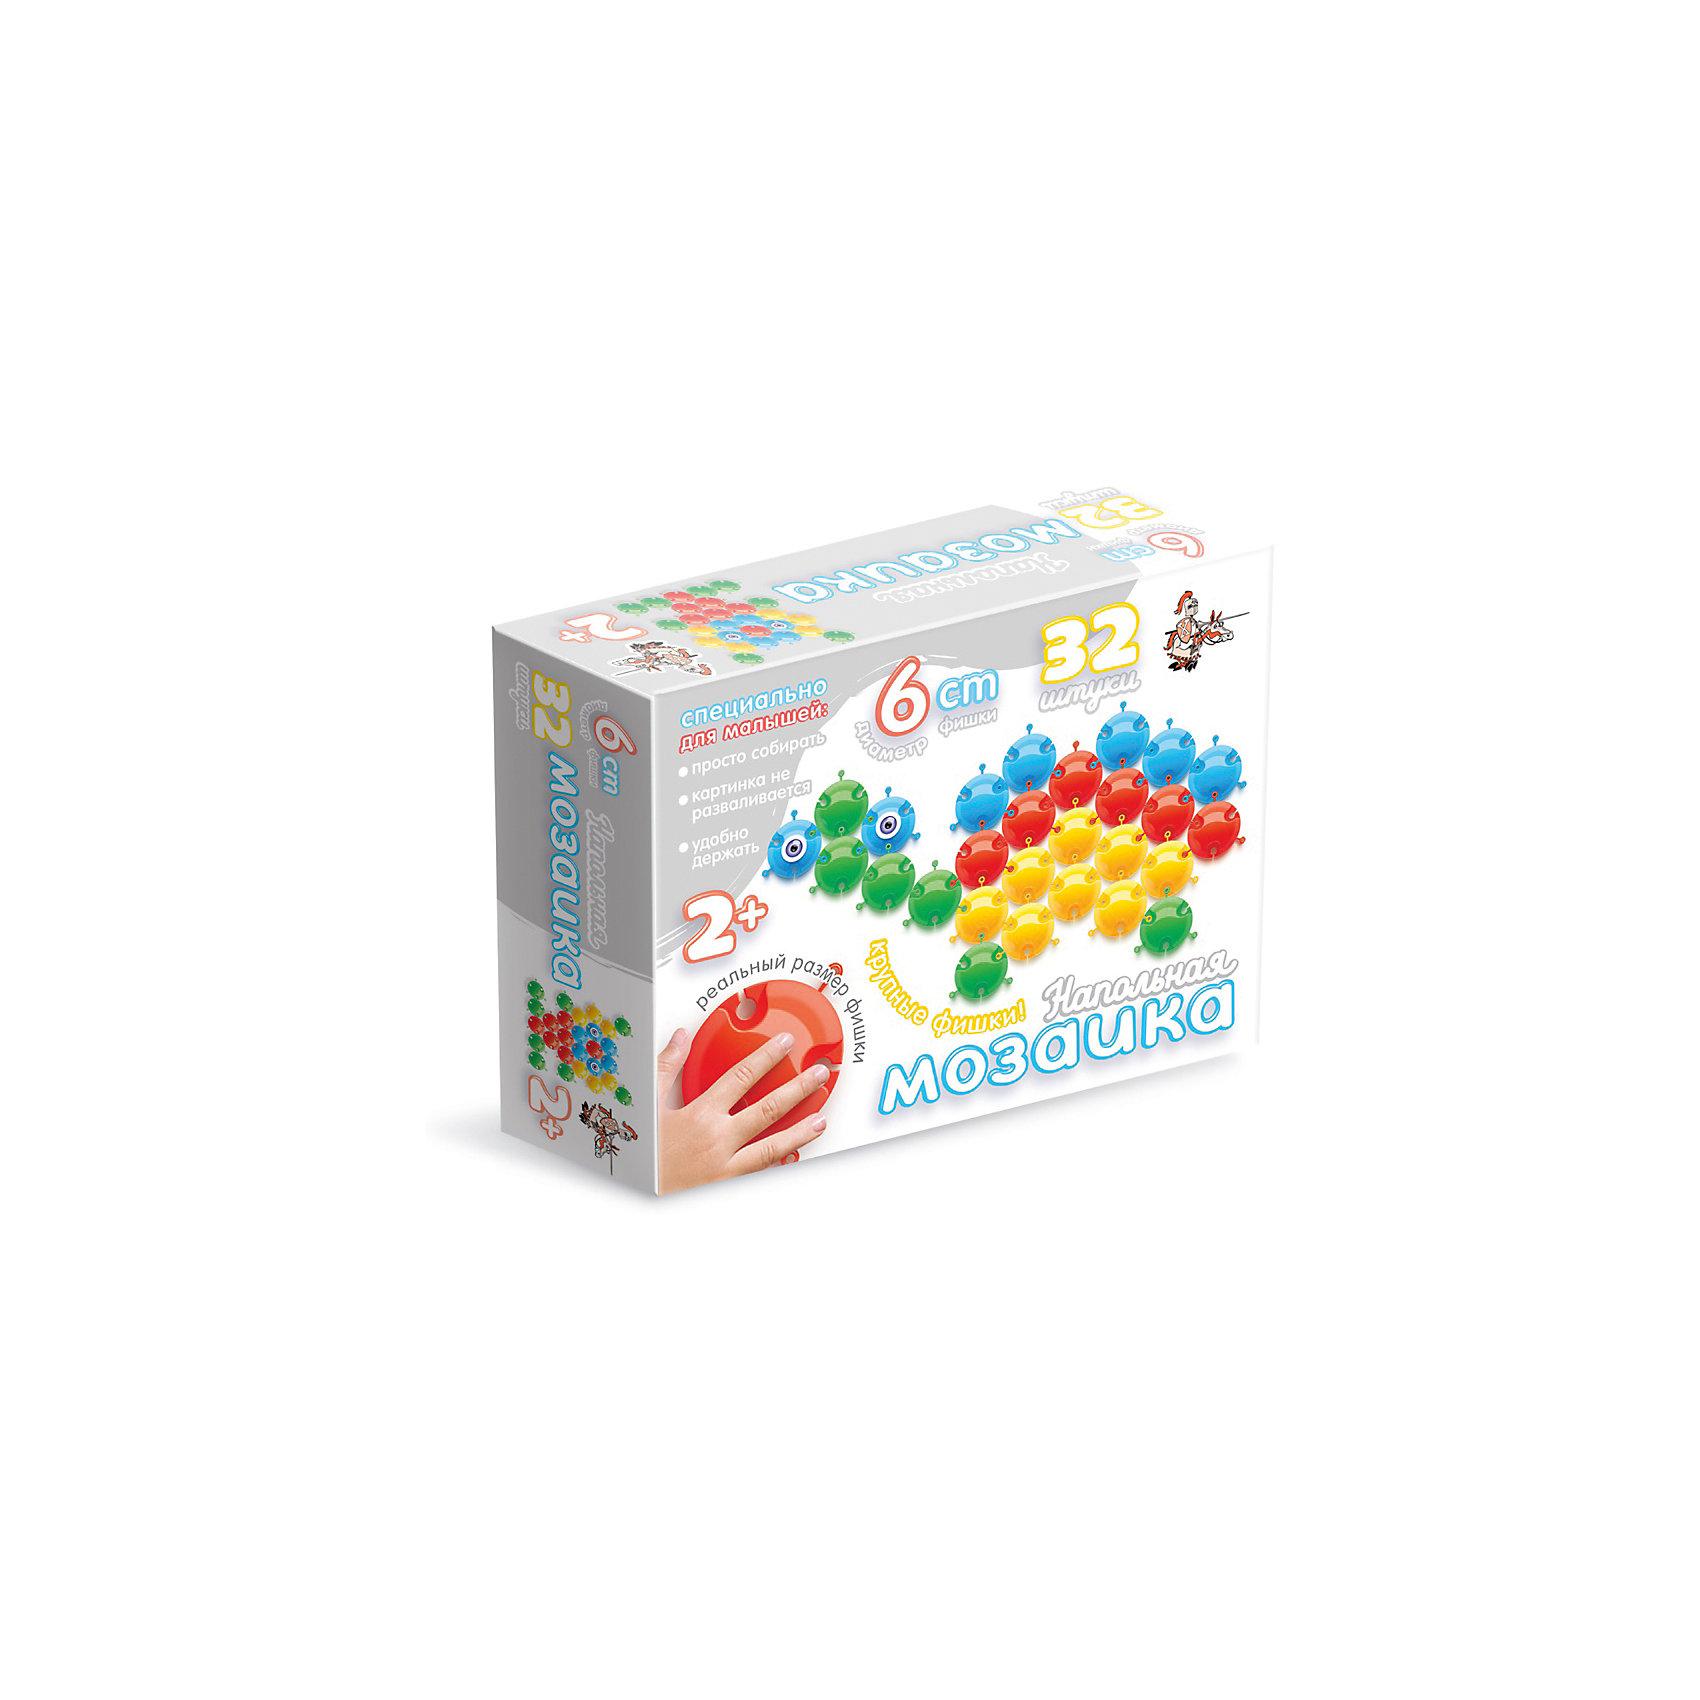 Напольная мозаика с крупными фишками, 32 детали, Десятое королевствоМозаика<br>Напольная мозаика с крупными фишками, 32 детали, Десятое королевство<br><br>Характеристики: <br><br>• Возраст: от 3 лет<br>• Материал: пластик<br>• Цвет: синий, красный, желтый, зеленый, голубой<br>• В комплекте: фишки (32 штук), наклейки-глазки<br><br>Из фишек этого набора ваш ребенок сможет собирать фигурки животных, а так же что угодно еще, на что хватит у него воображения. Всего в наборе содержится 32 цветных фишек 5-ти цветов: синий, красный, желтый, зеленый, голубой и глазки-наклейки для детализации животных. <br><br>Так как размер каждого элемента достигает 6 см, ваш ребенок сможет собирать действительно большие изображения. Благодаря тому, что каждая фигурка снабжена особыми пазами, для их использования не требуется применение отдельного игрового поля.<br><br>Напольная мозаика с крупными фишками, 32 детали, Десятое королевство можно купить в нашем интернет-магазине.<br><br>Ширина мм: 230<br>Глубина мм: 180<br>Высота мм: 60<br>Вес г: 337<br>Возраст от месяцев: 36<br>Возраст до месяцев: 60<br>Пол: Унисекс<br>Возраст: Детский<br>SKU: 5473768